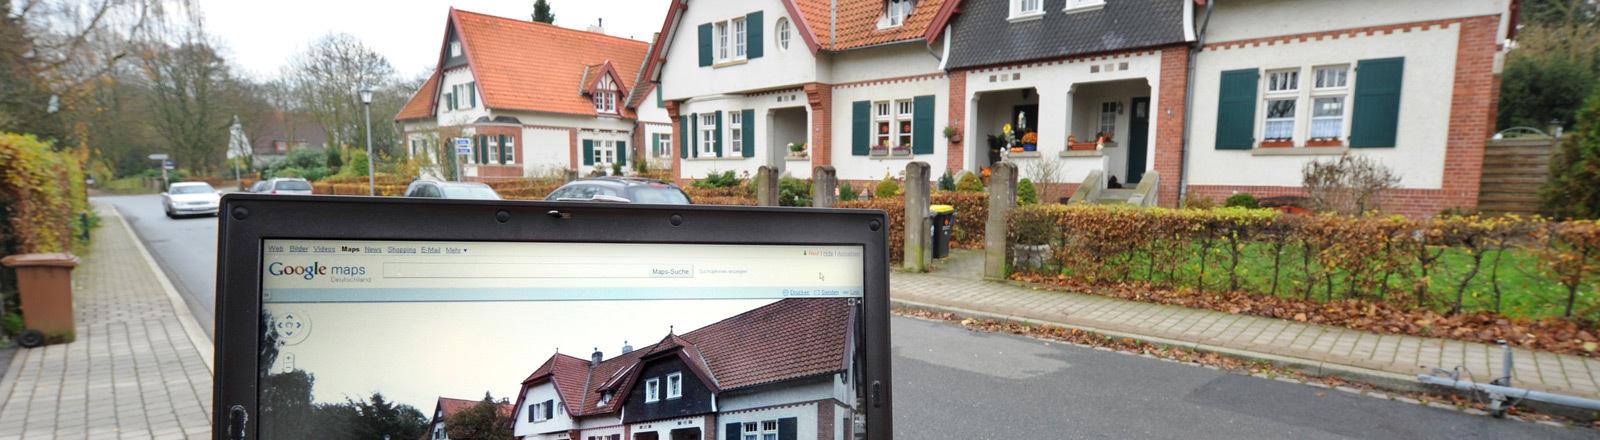 Ein Google-Streetview-Foto eines Hauses auf einem Laptop im Hintergrund das Haus selbst.